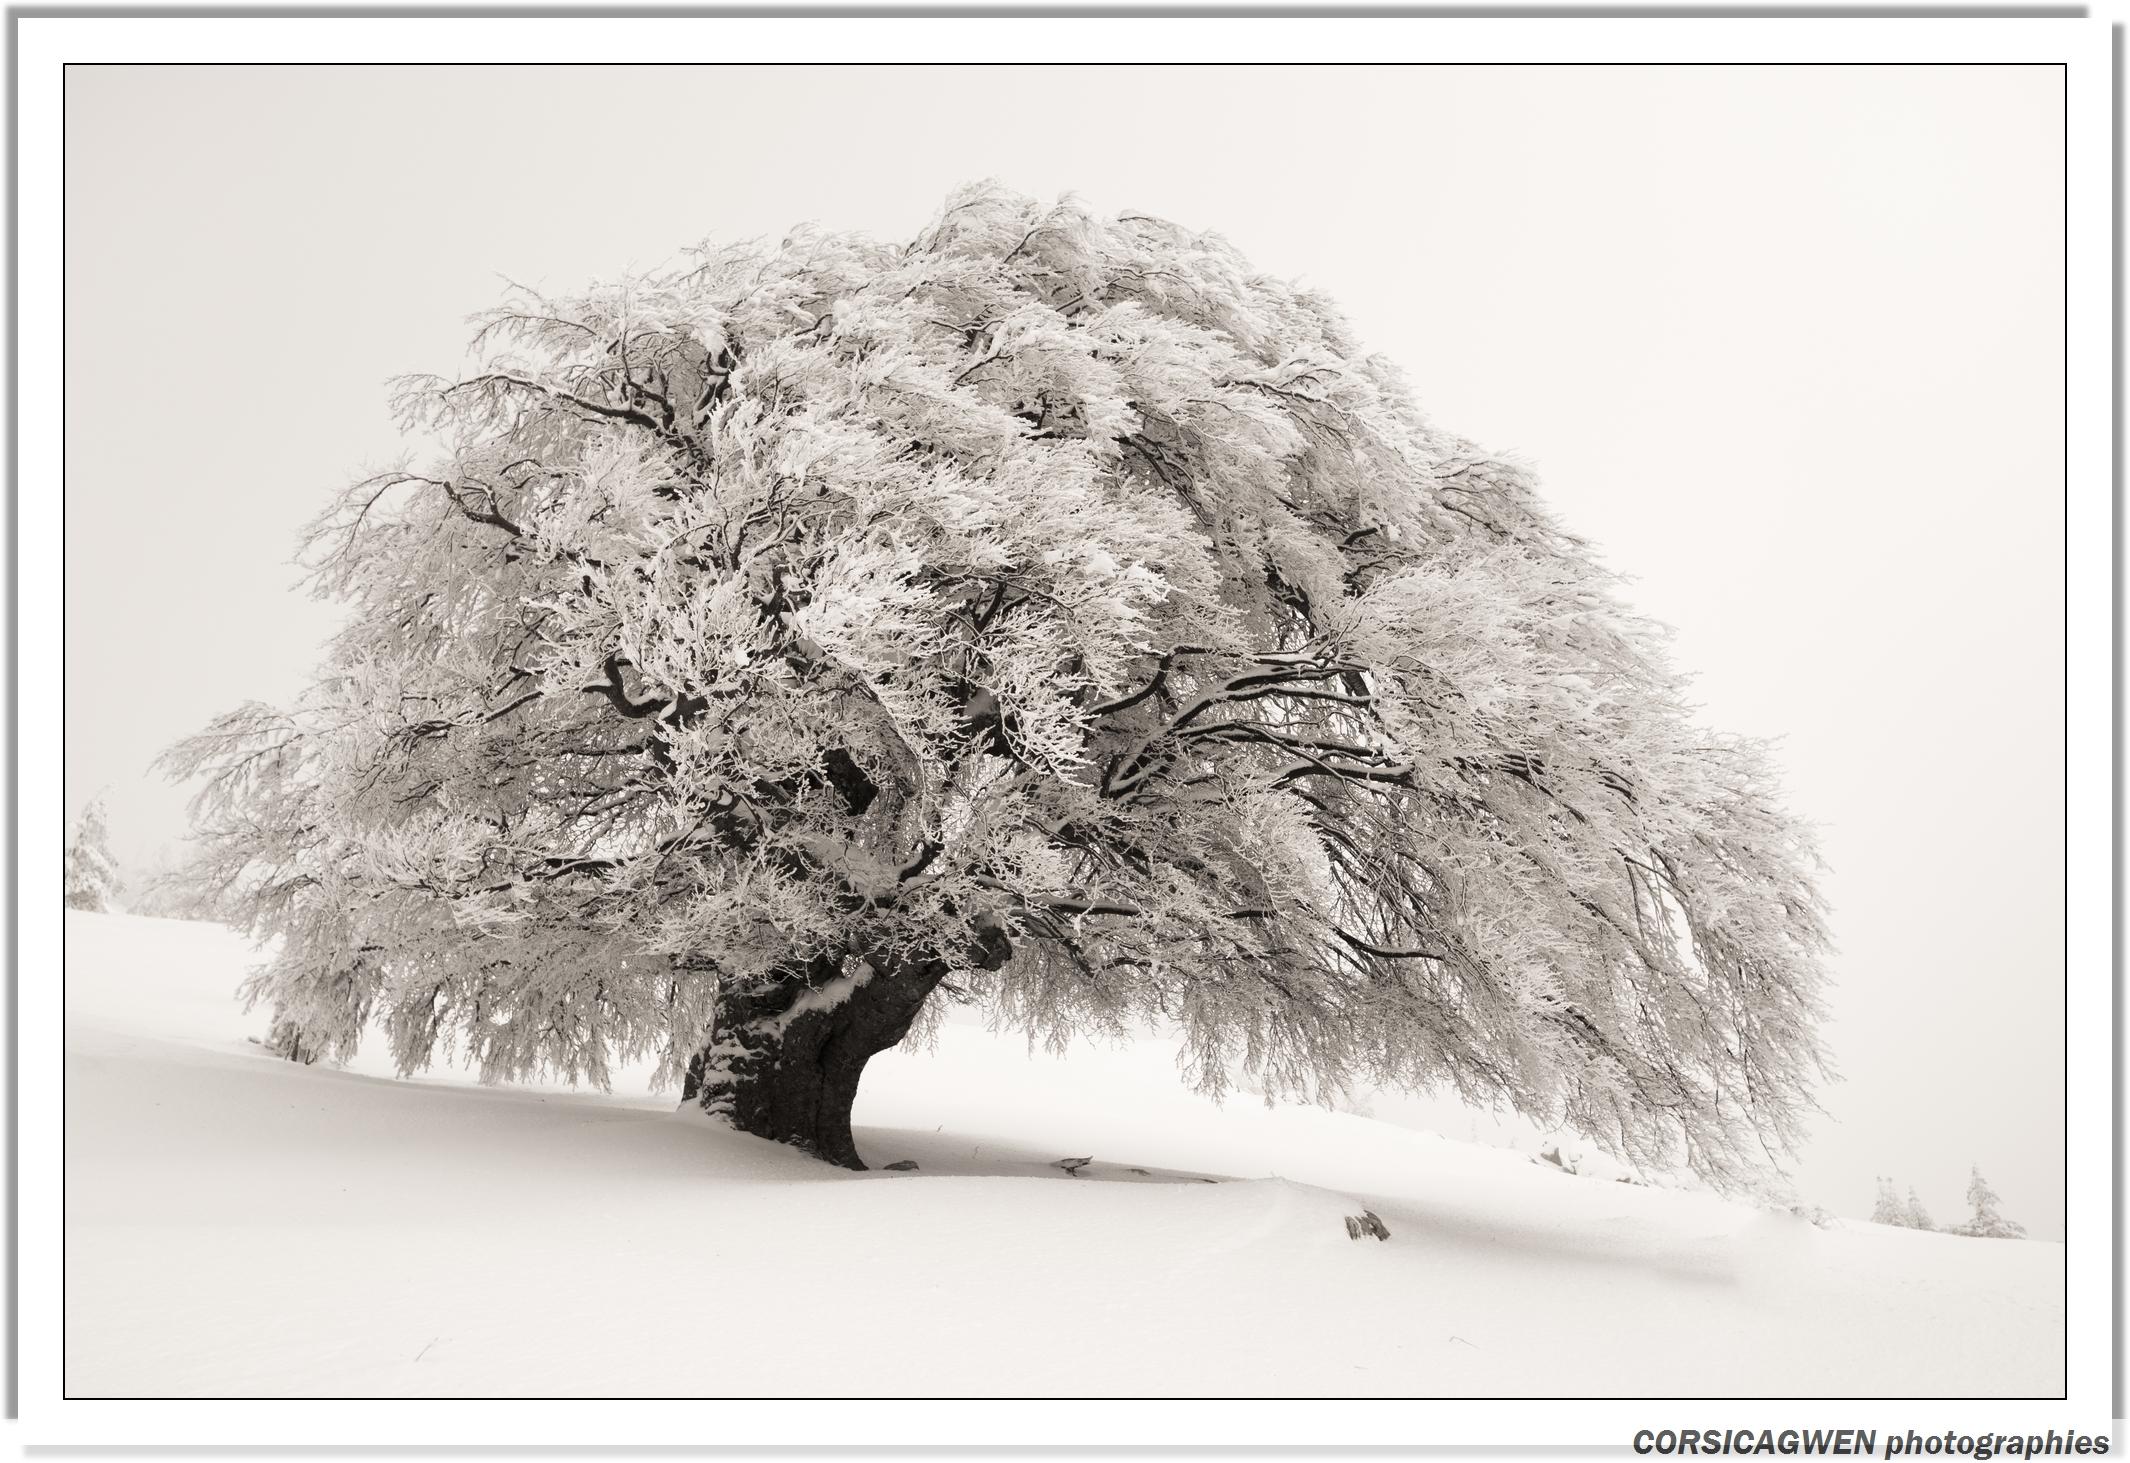 fond d 39 cran paysage dessin monochrome neige hiver branche gel paysage neige arbre. Black Bedroom Furniture Sets. Home Design Ideas